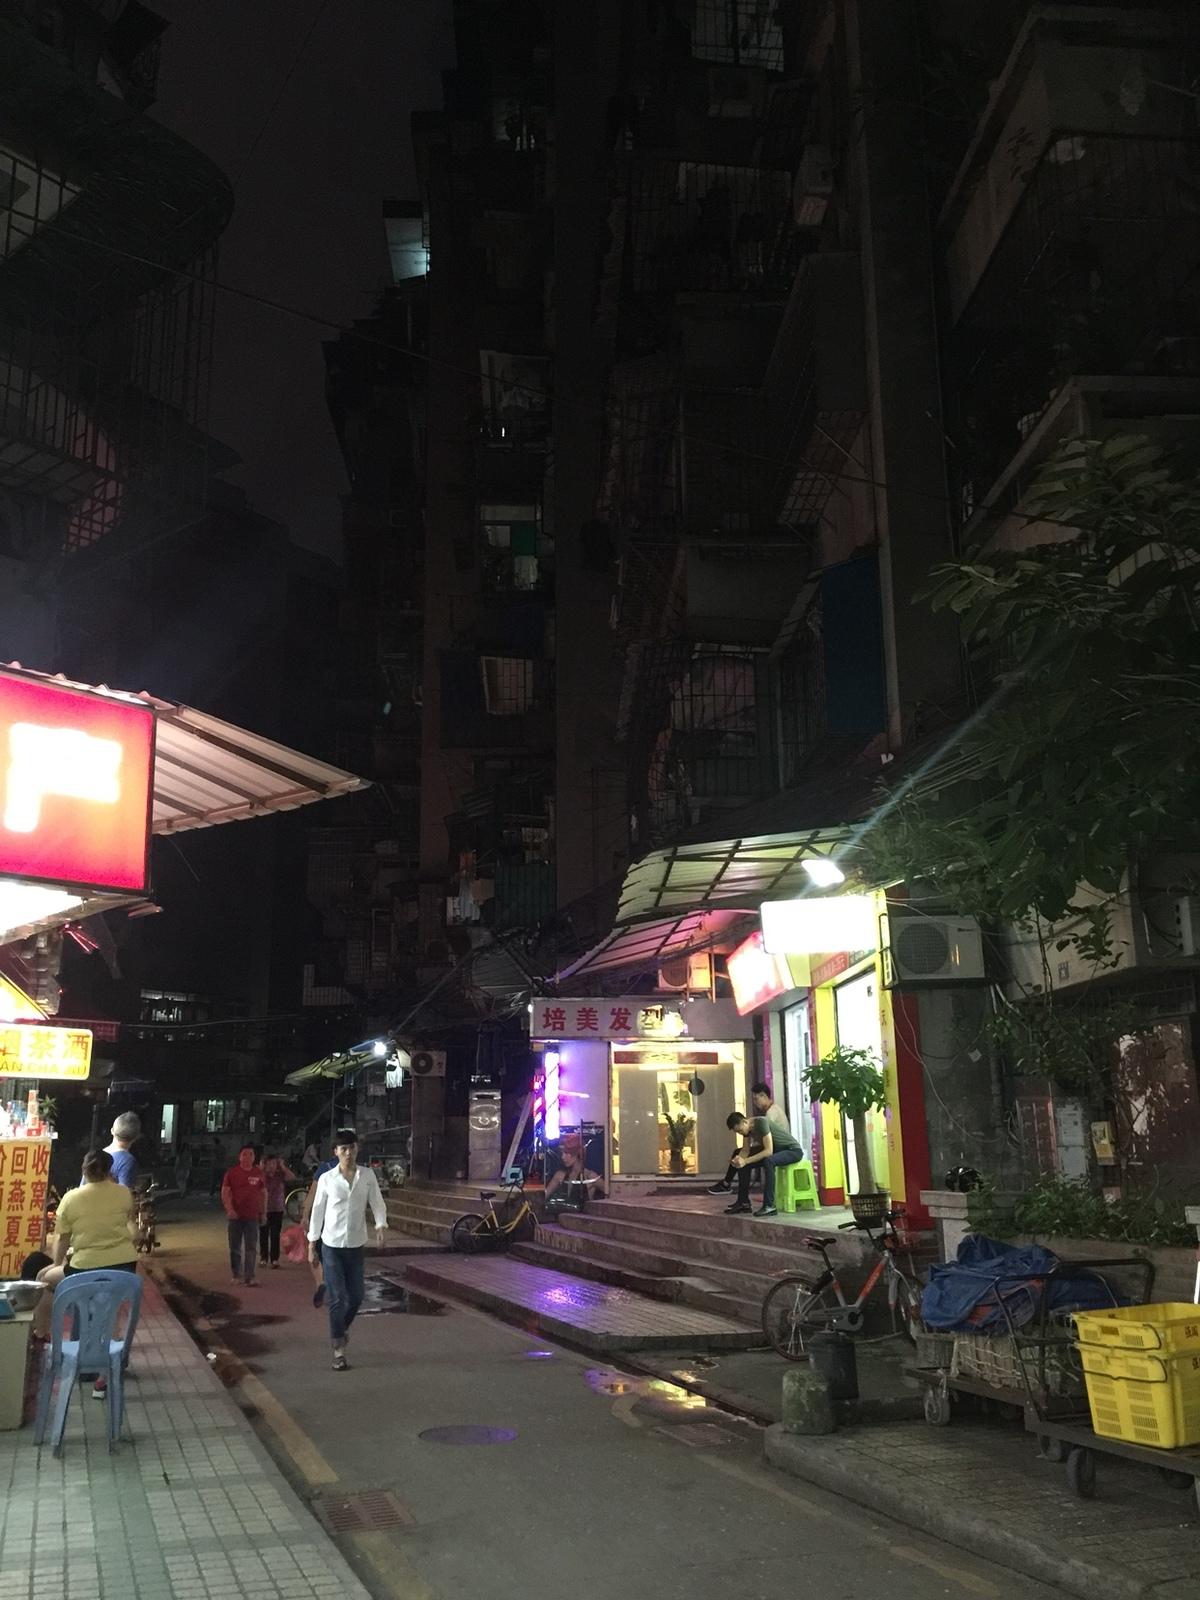 اجمل مدن العالم الصين 474195 المسافرون العرب